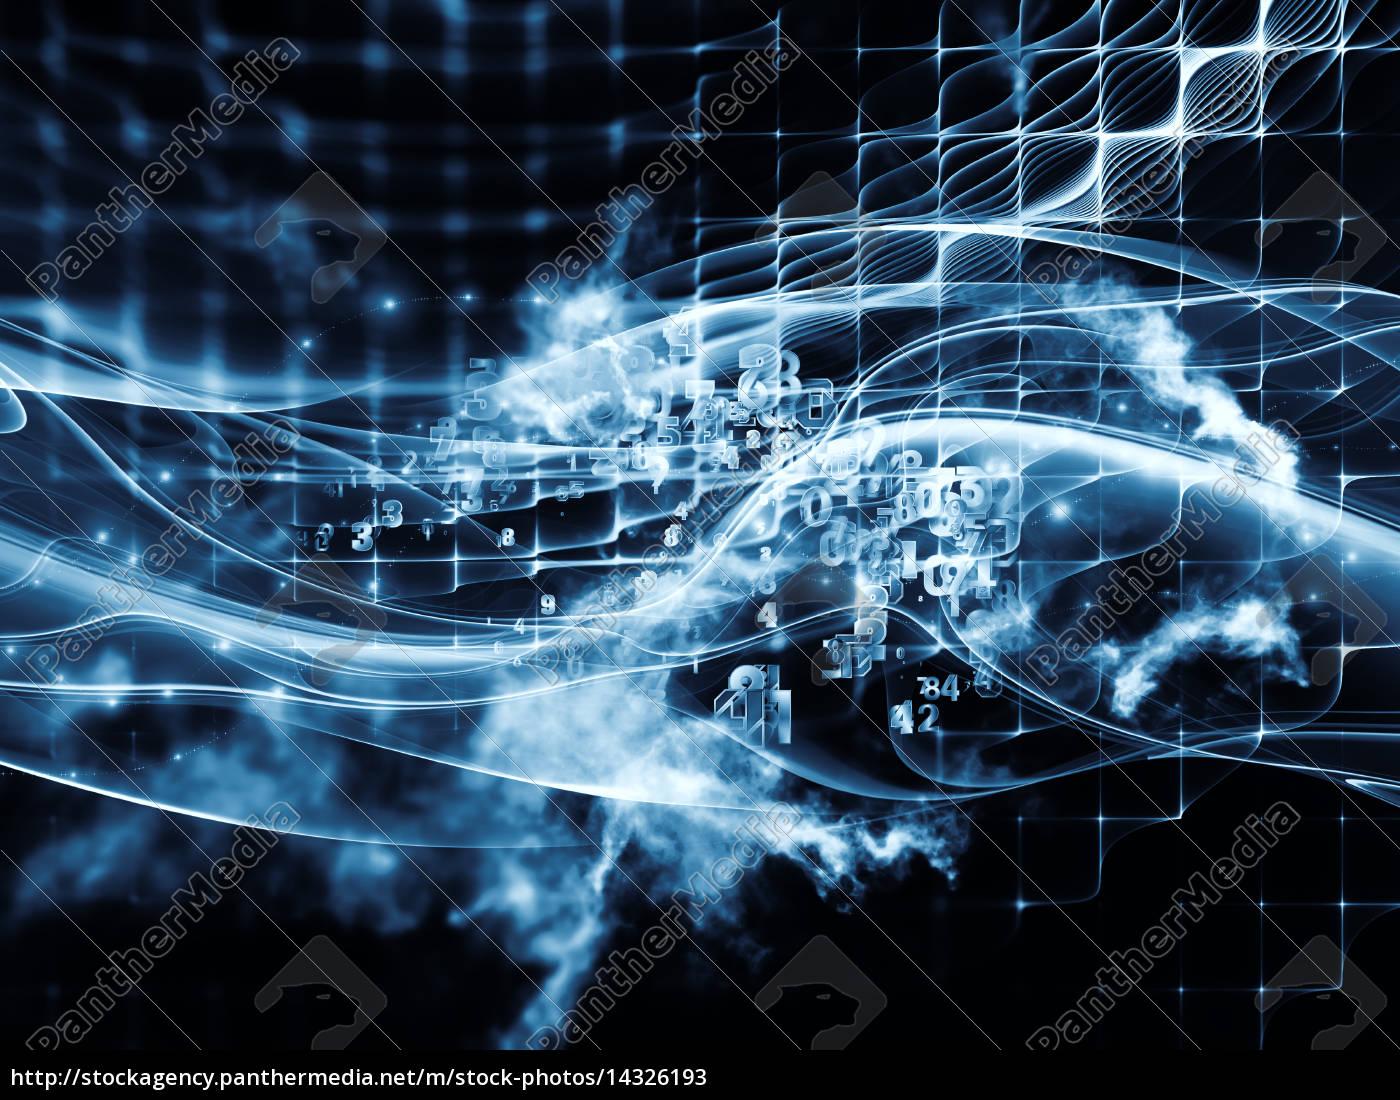 lights, of, data, cloud - 14326193